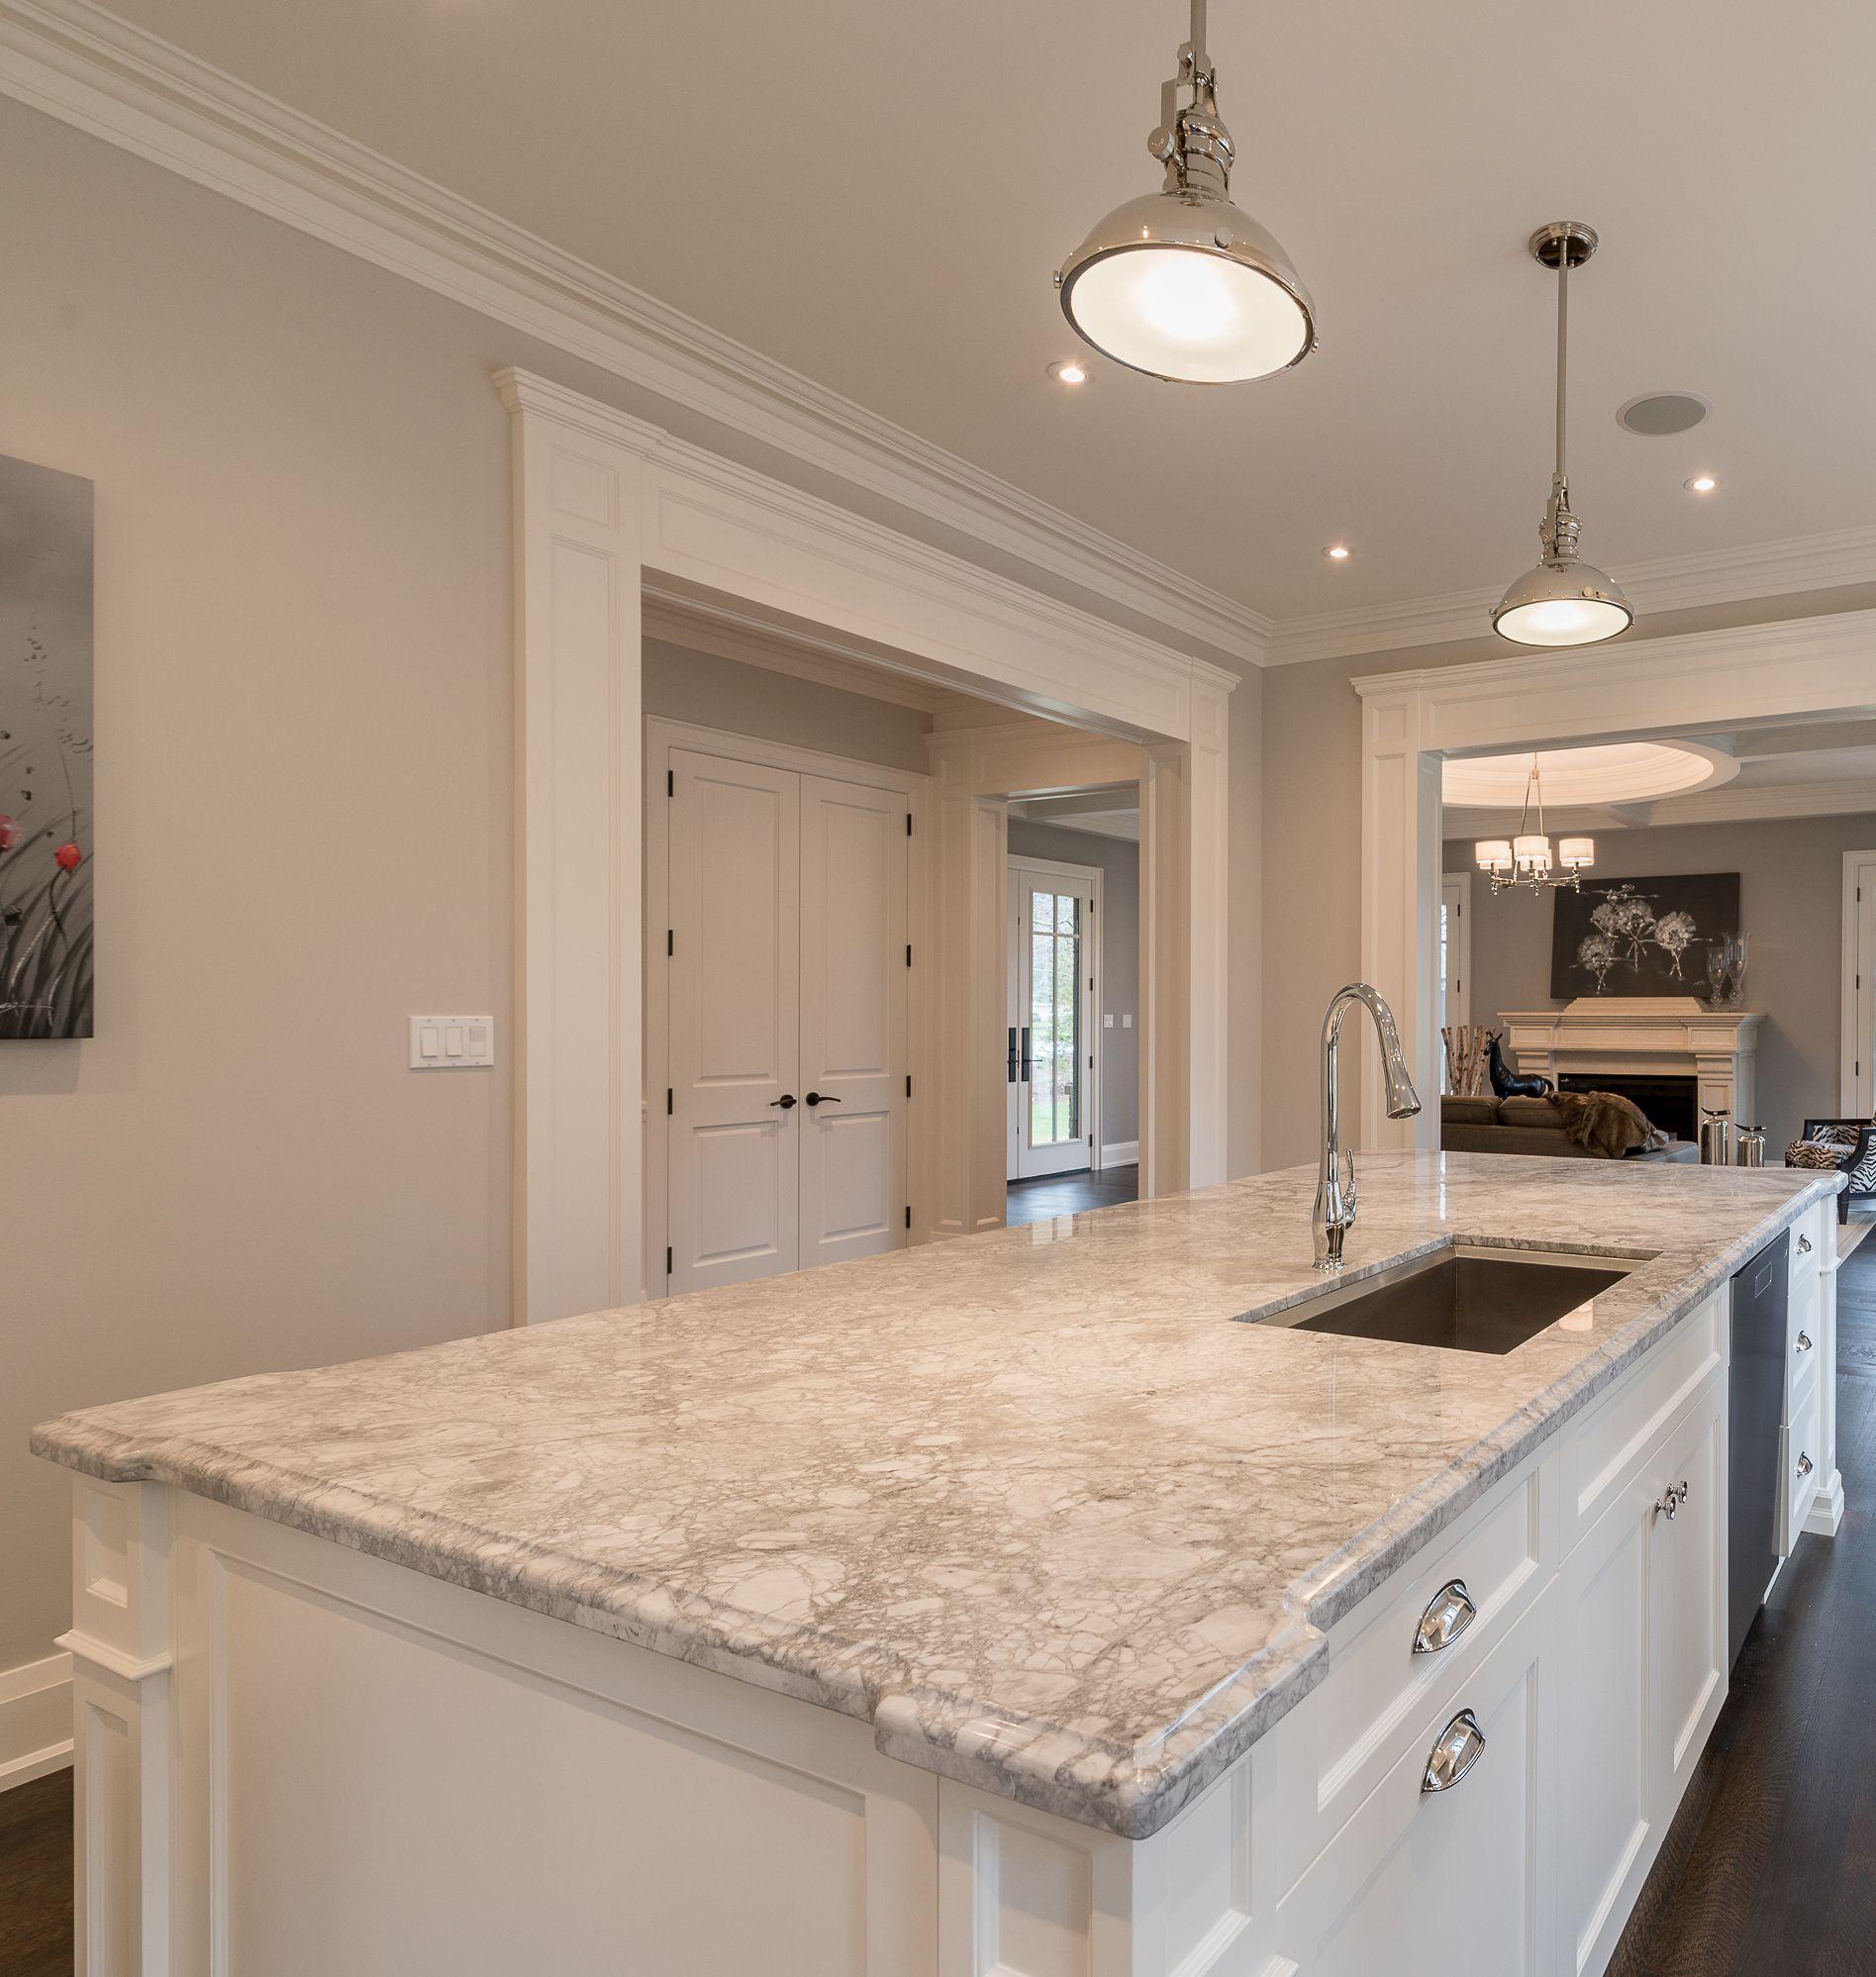 Prasada Kitchens And Fine Cabinetry: White Kitchen Ideas. Super White Granite, CC40 Cabinetry